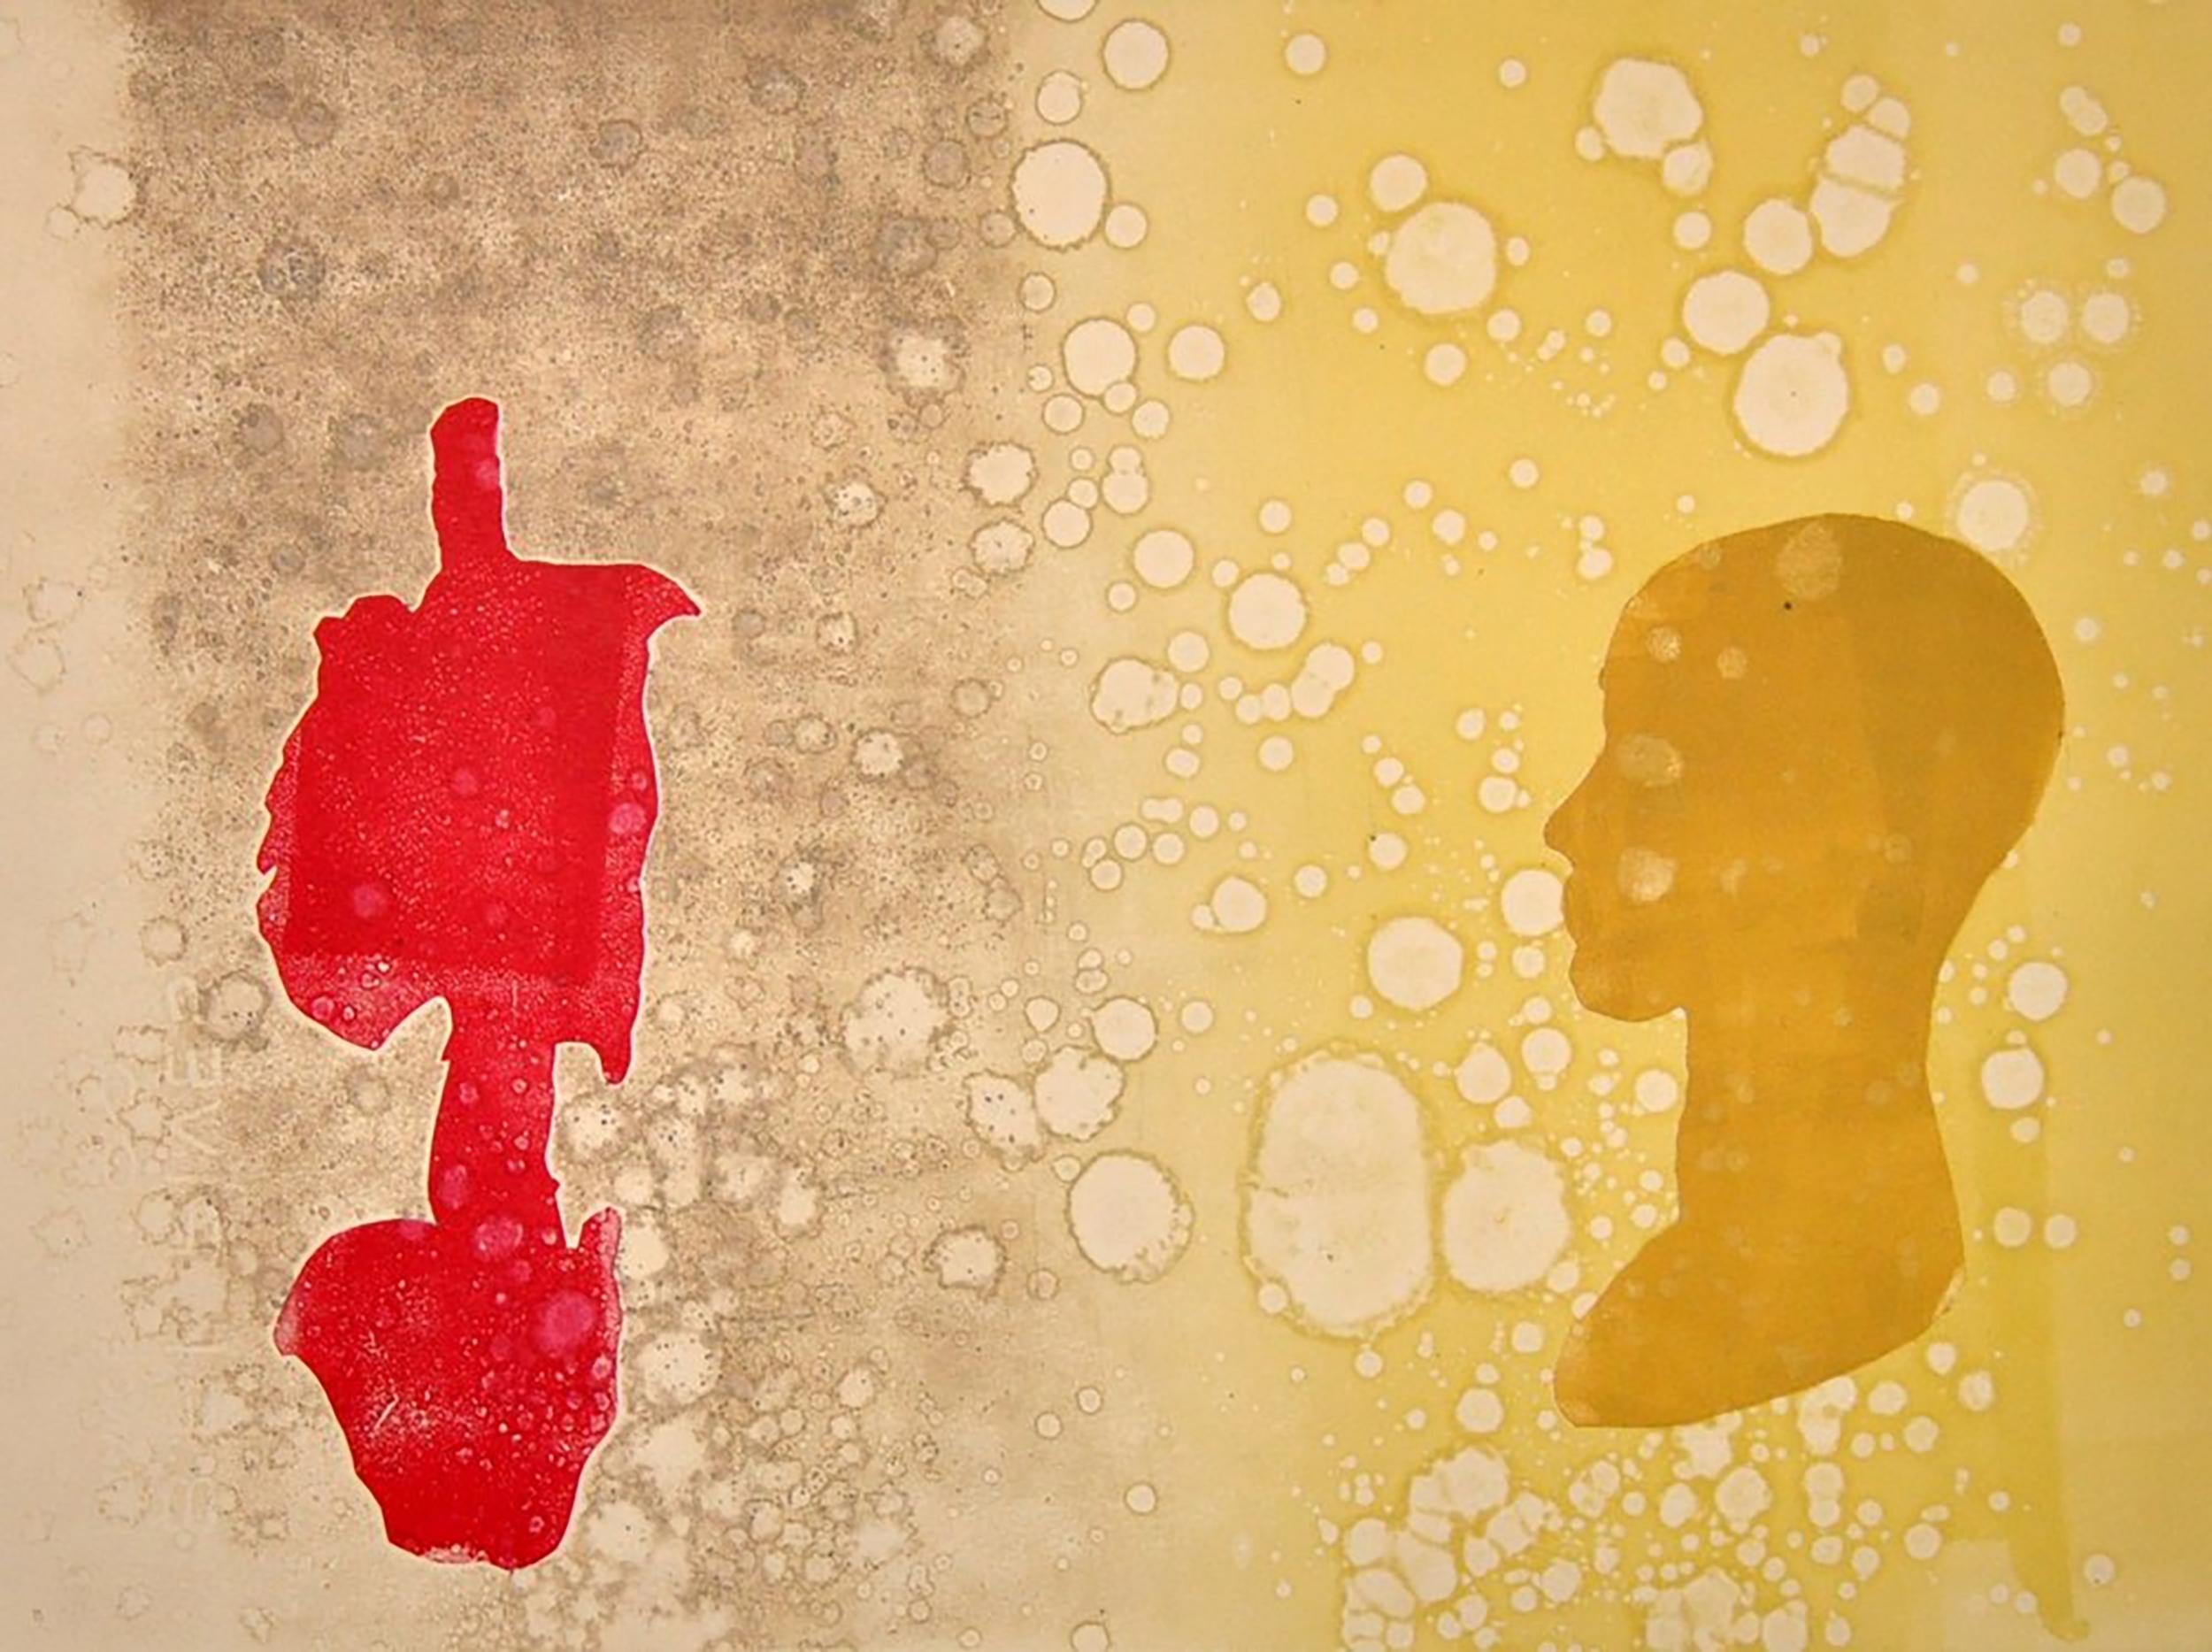 """KCJ Szwedzinski, Ask me How I Really Feel , 2013, montoype, 15"""" x 11"""""""